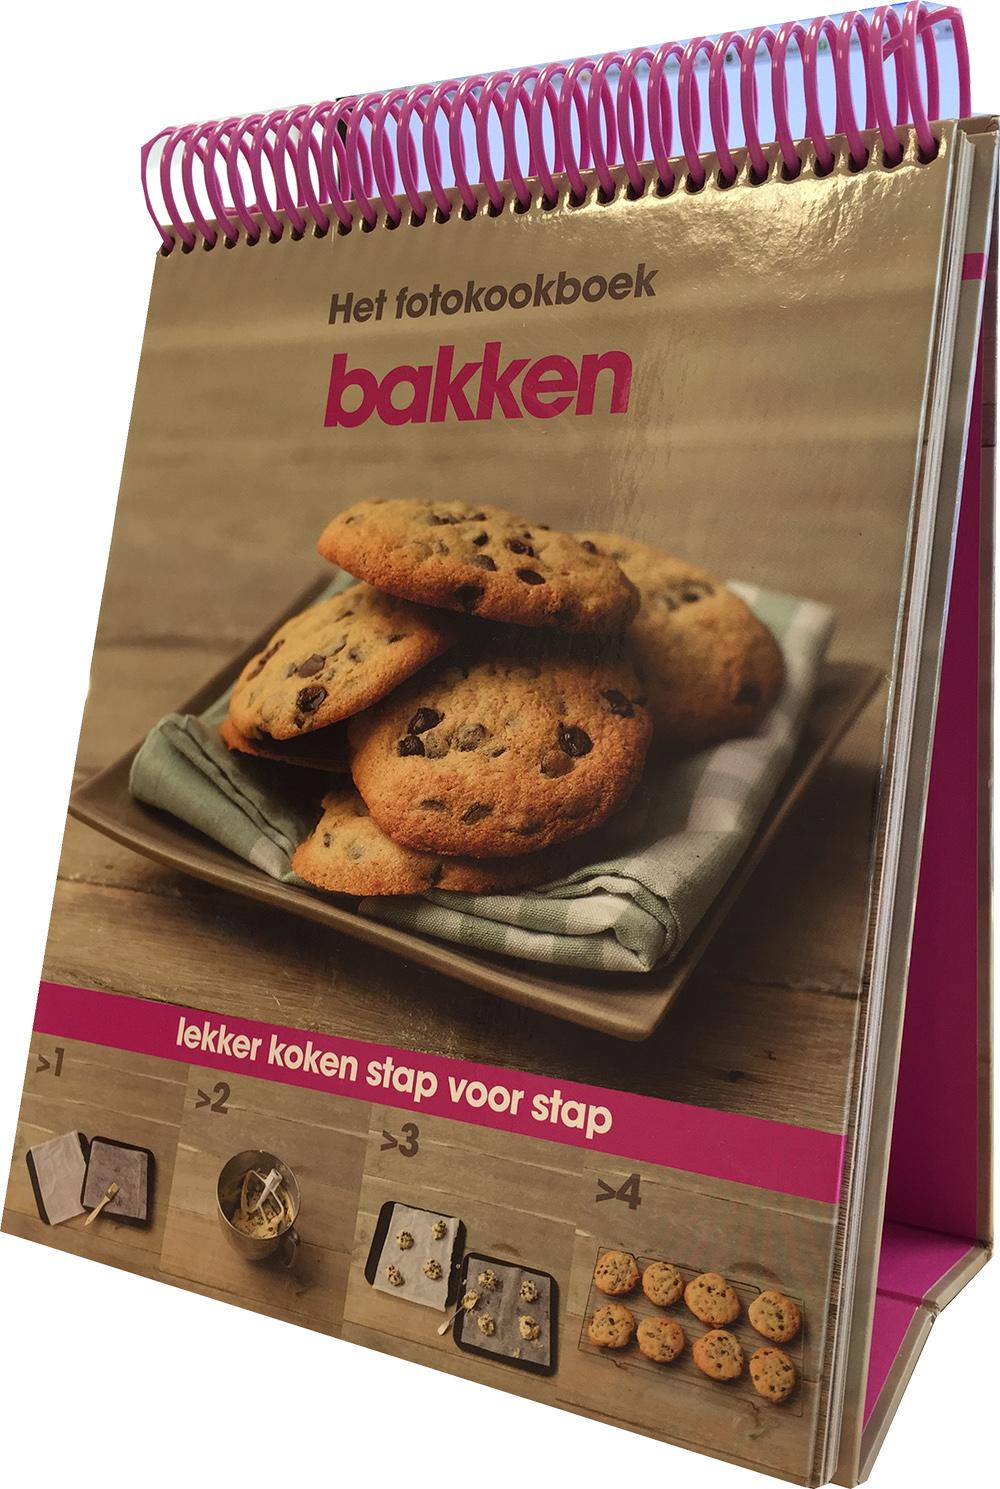 Fotokookboek Bakken